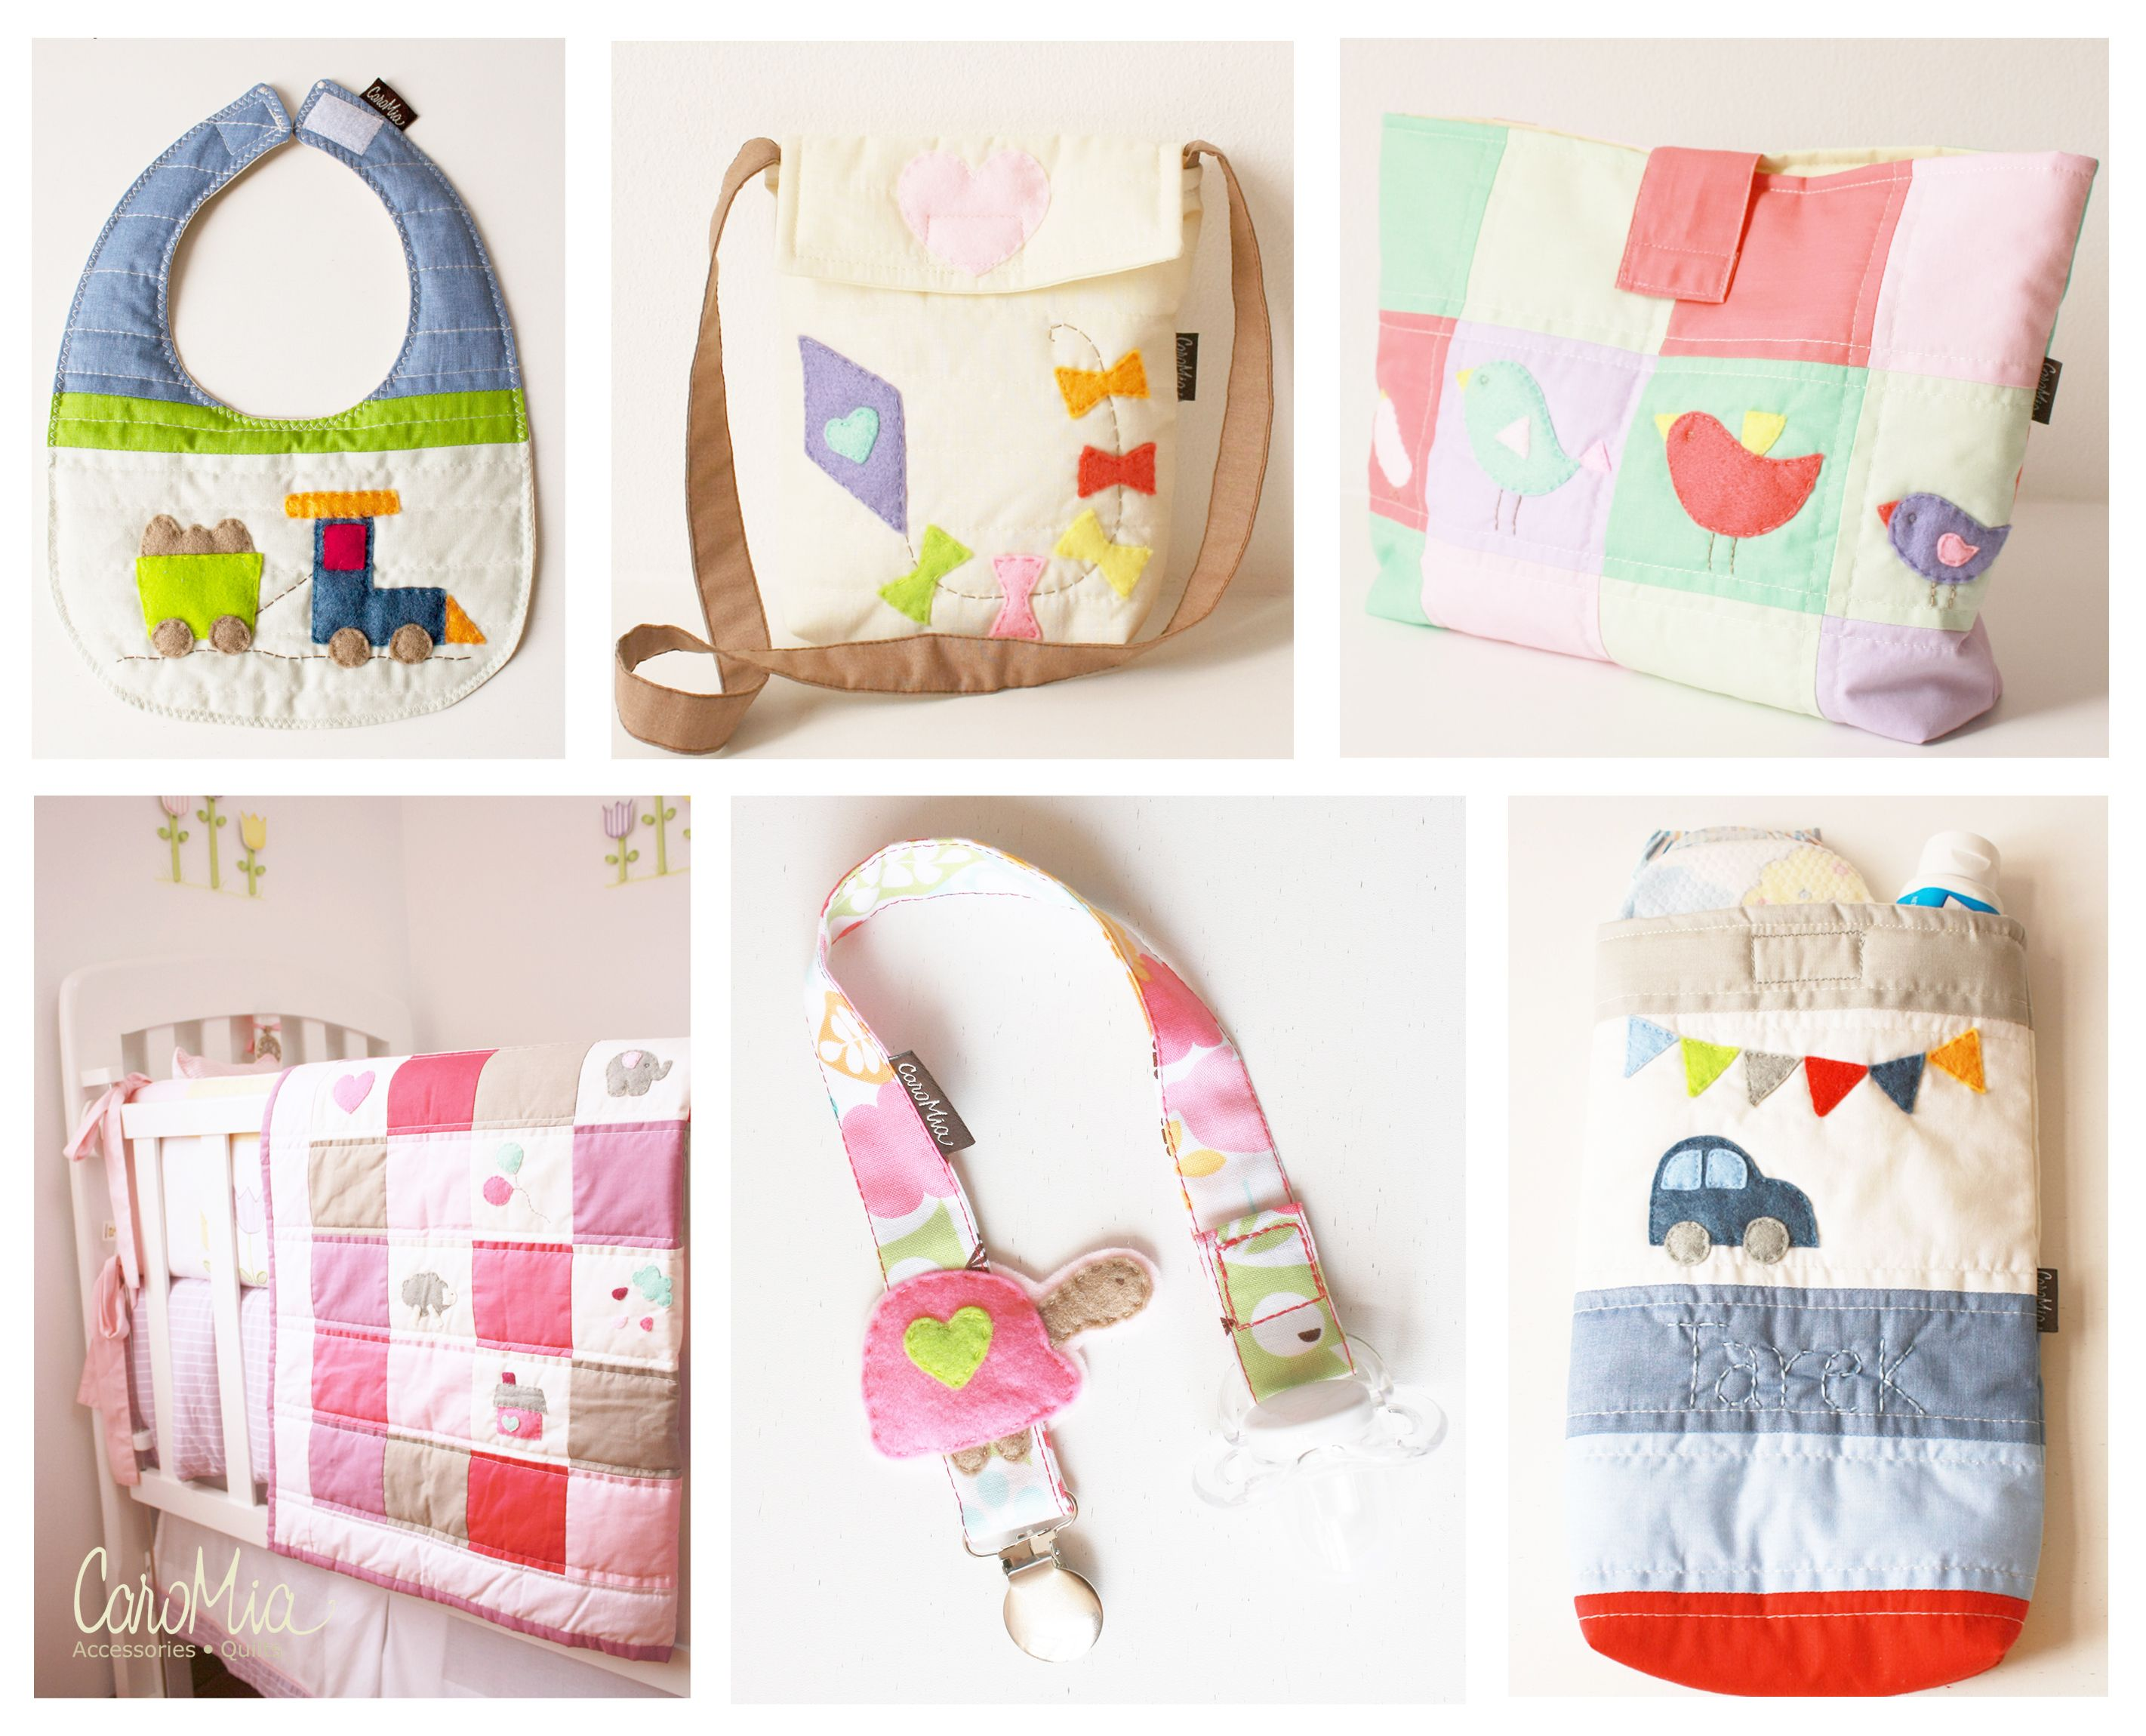 d0d3f267b Babero acolchado, bolso para niñas, porta ropa para bebes, Quilt (manta  acolchada), sujeta chupón, porta pañales! www.facebook.com/micaromia